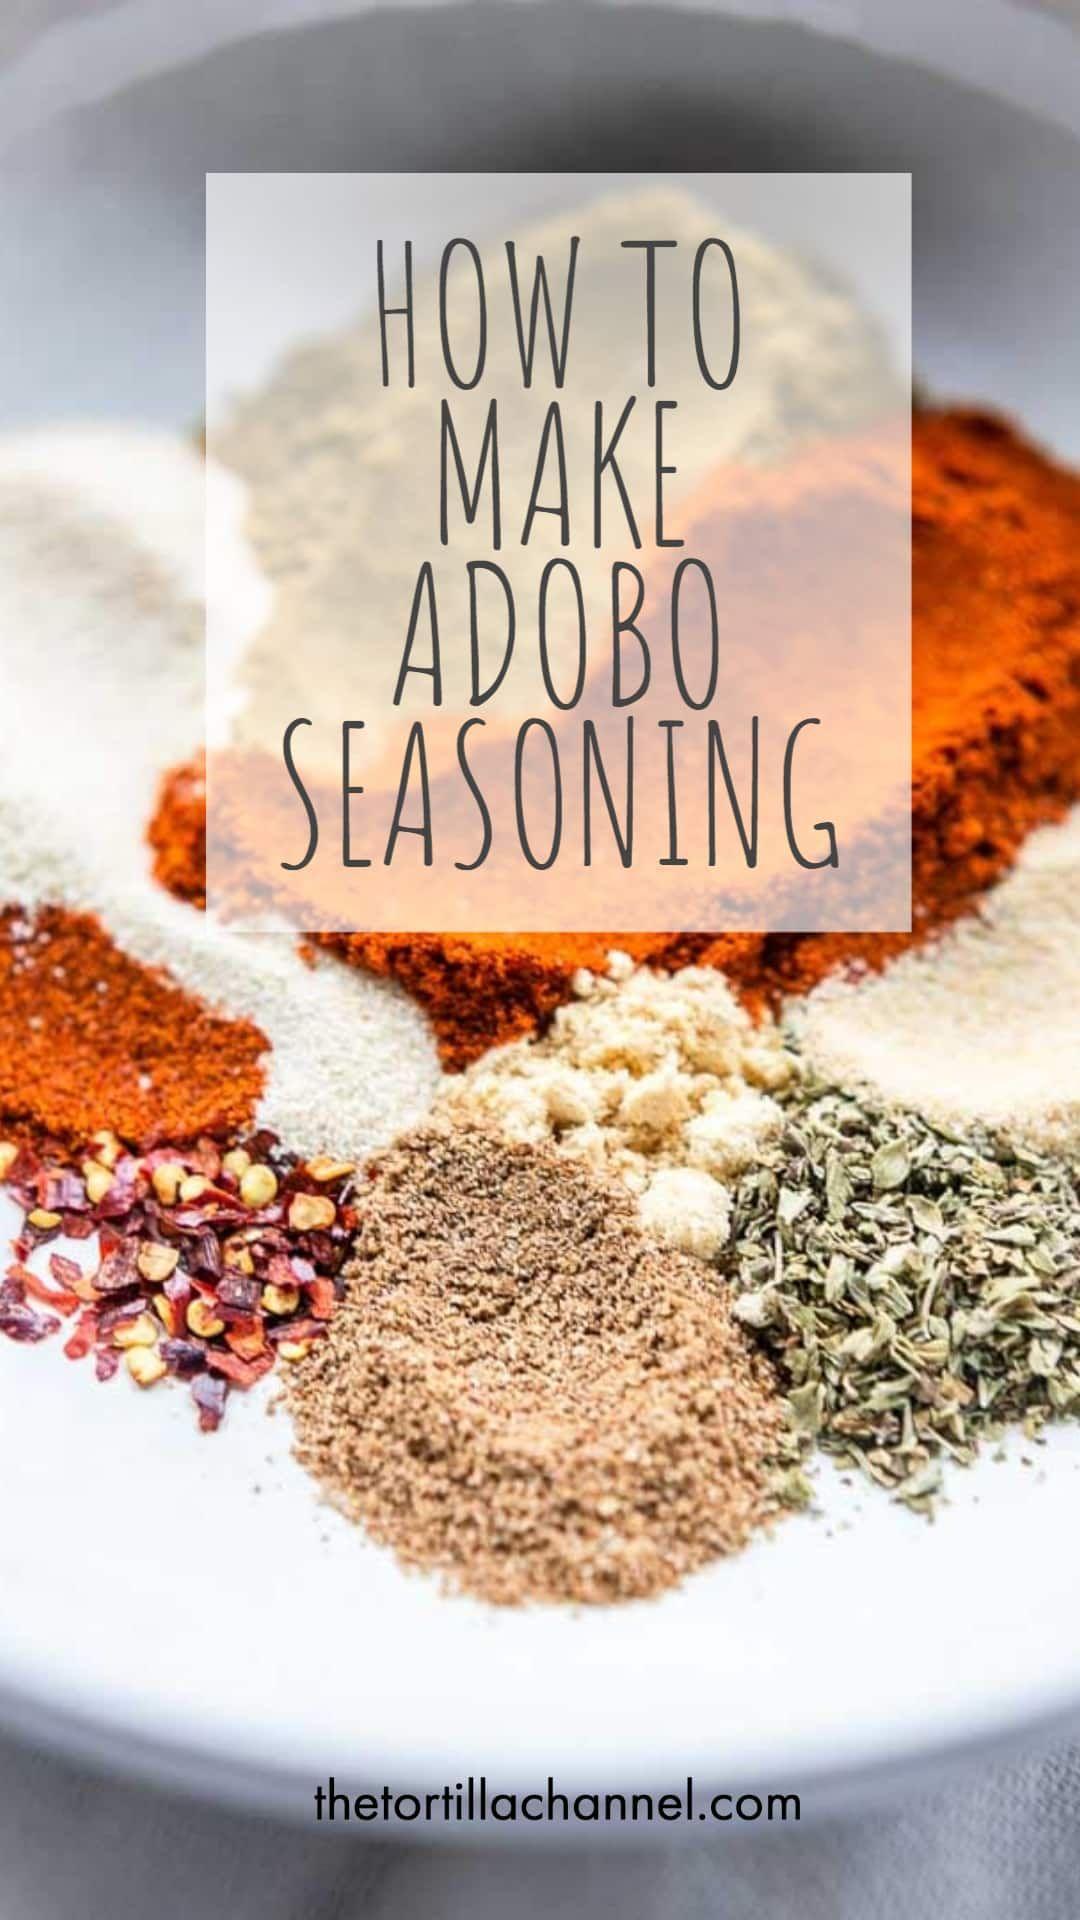 How To Make Adobo Seasoning In 2021 Adobo Seasoning Adobo Seasonings